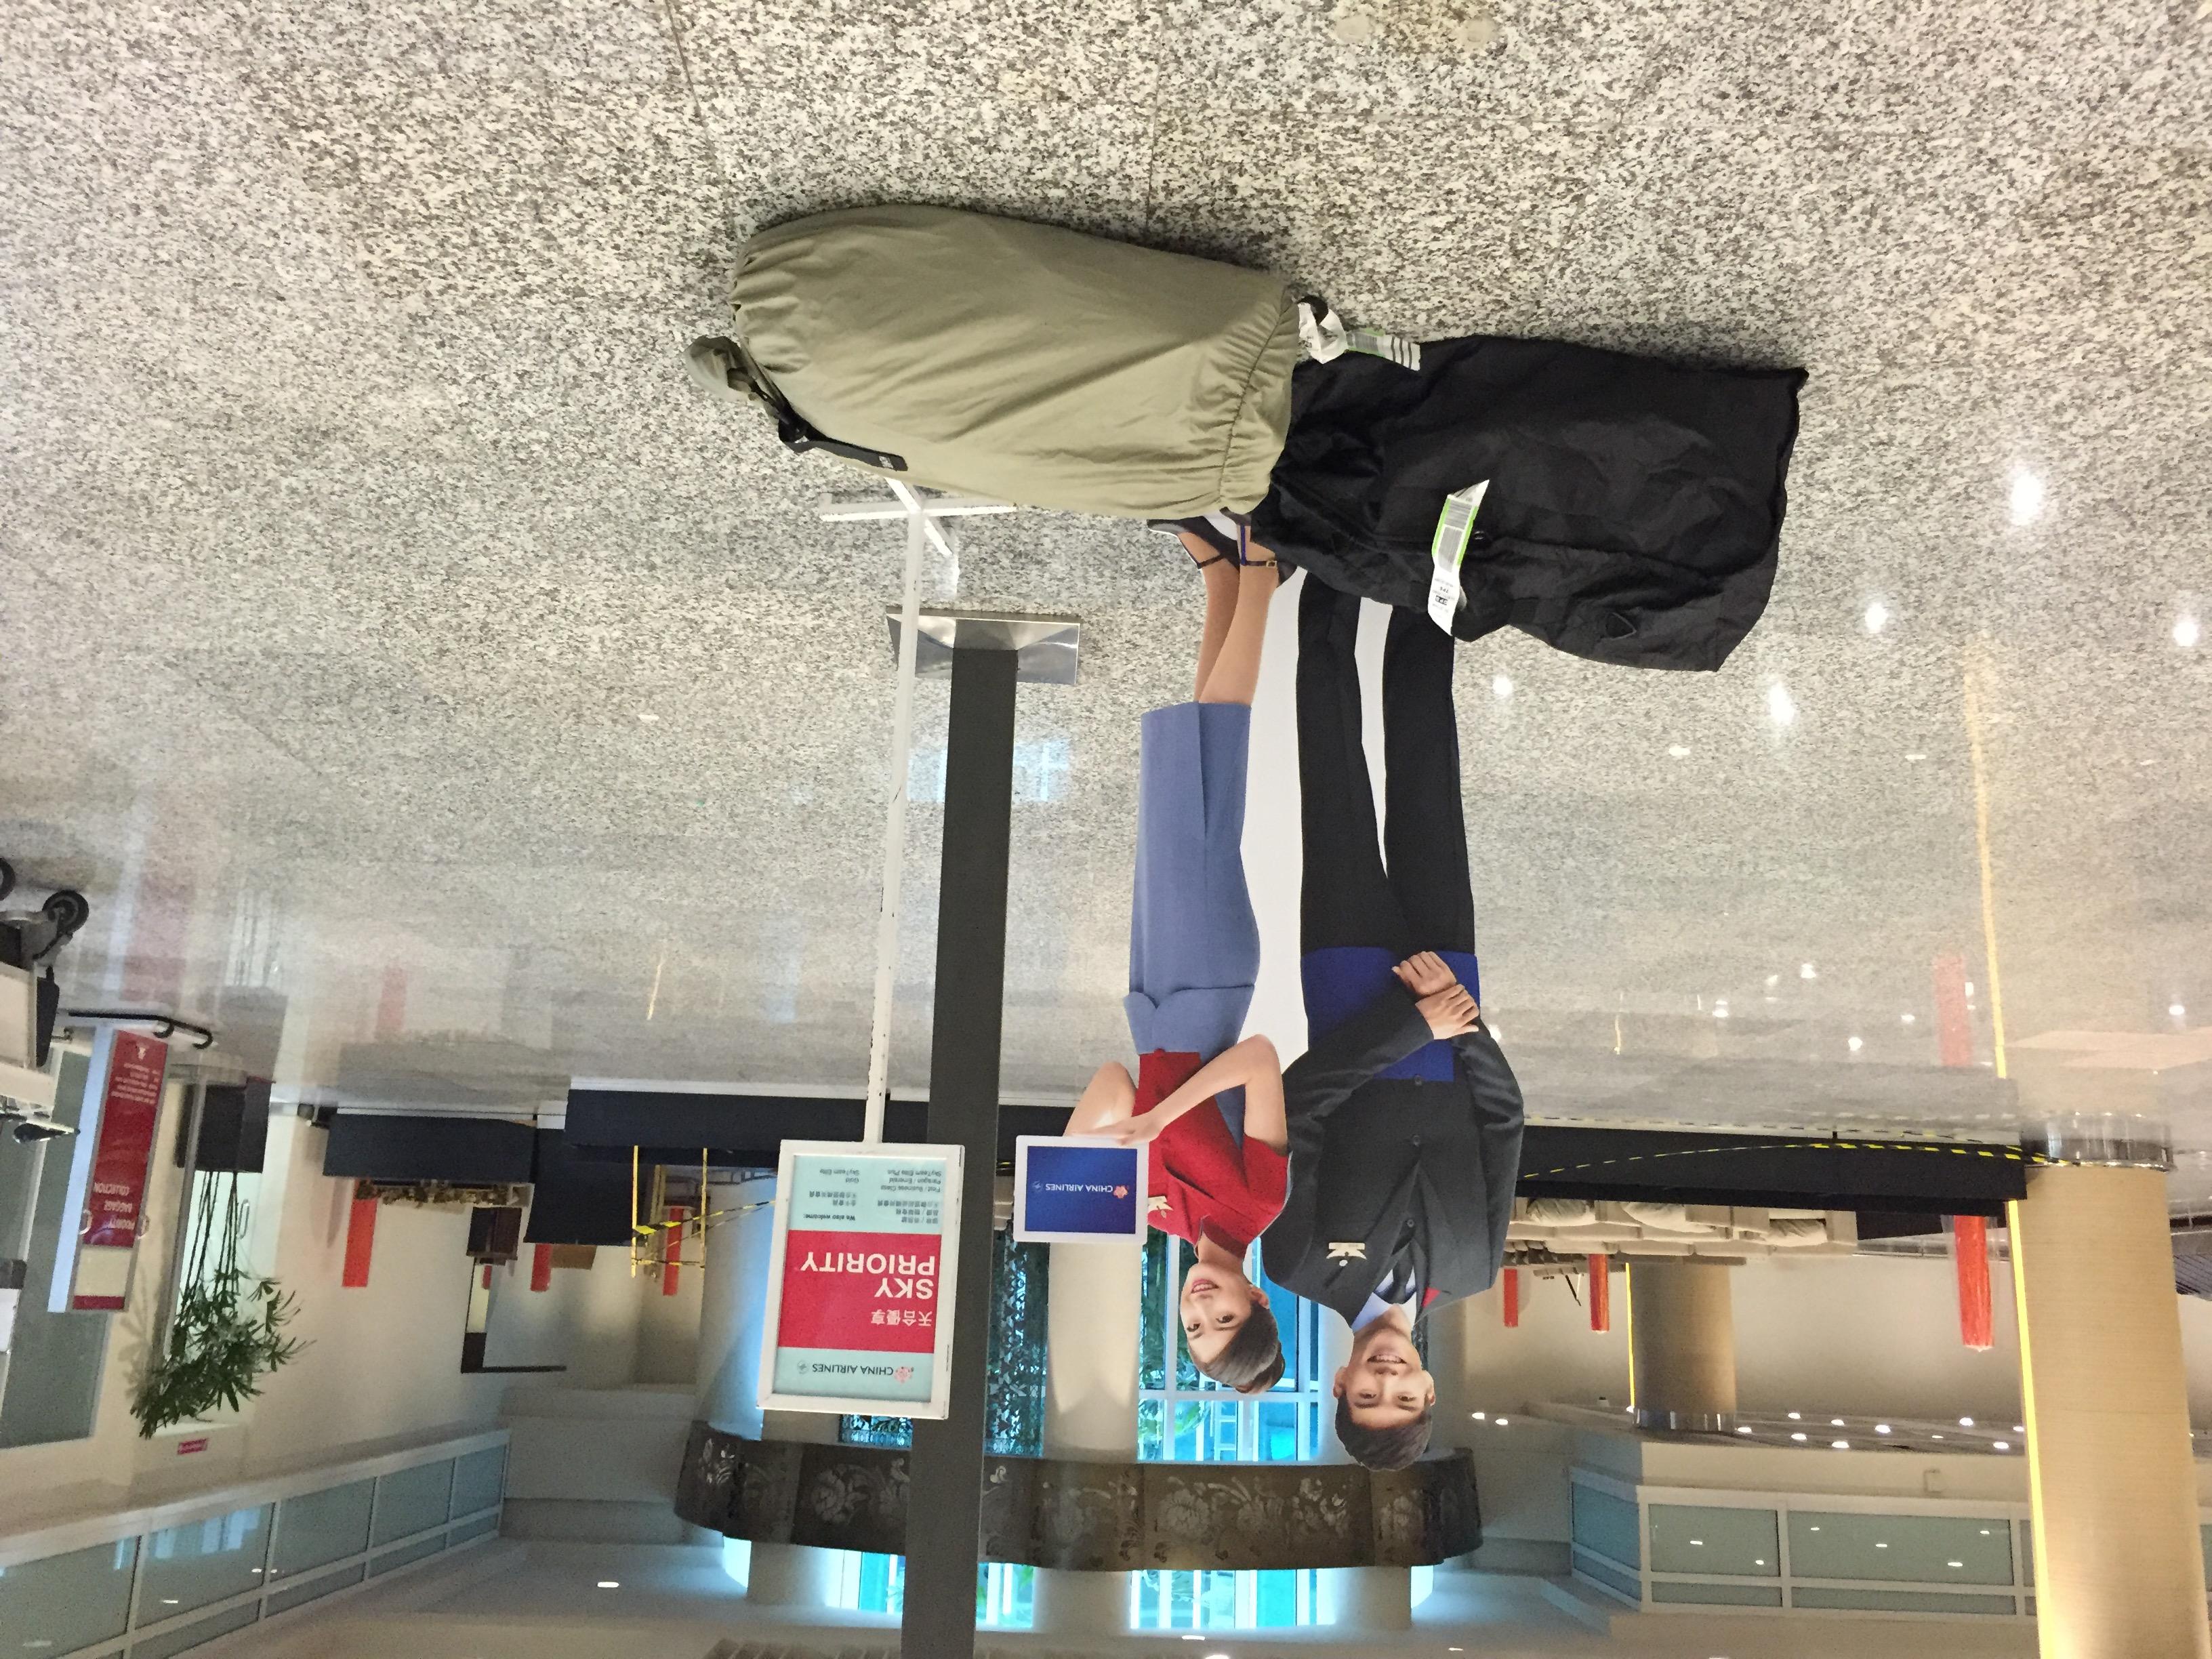 Unser Gepäck auf dem Boden der Flughalle in Denpasar